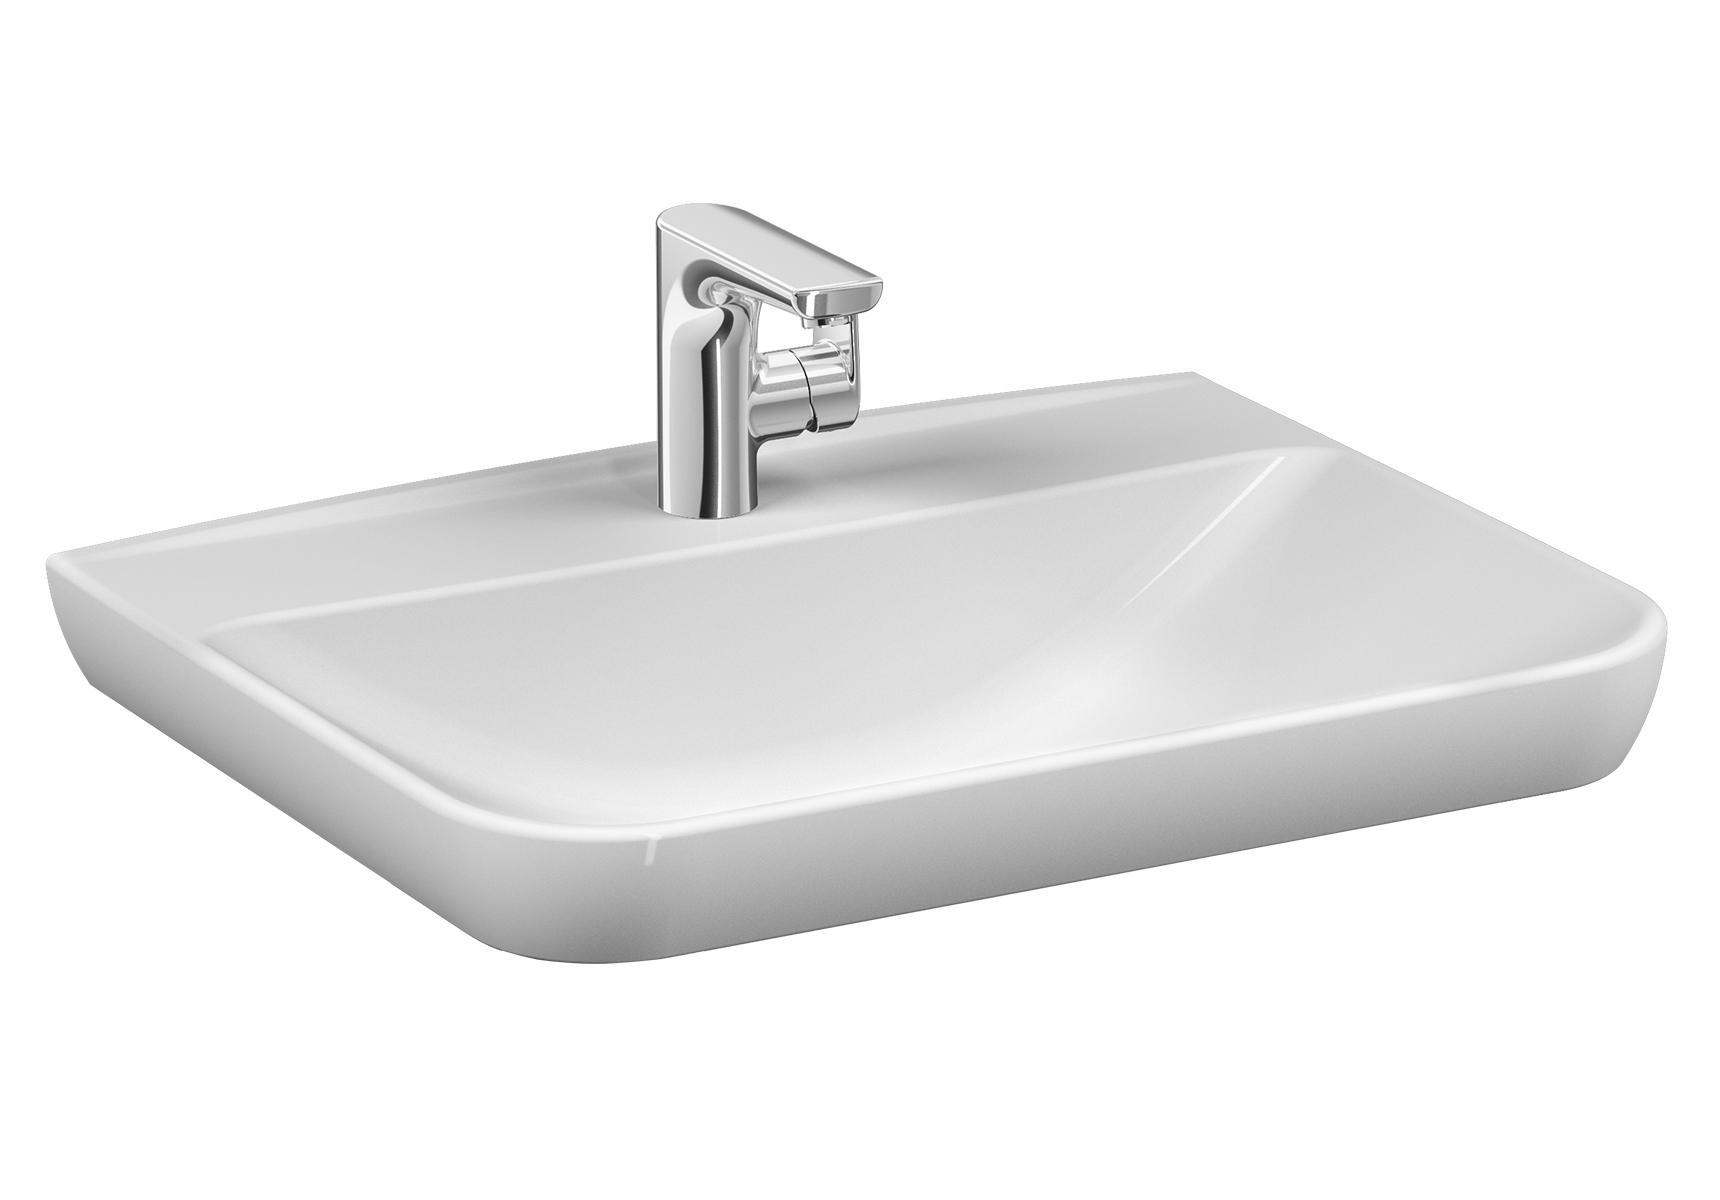 Sento Waschtisch, 63 cm, mit Hahnloch mittig, mit Überlaufloch mittig,Weiß